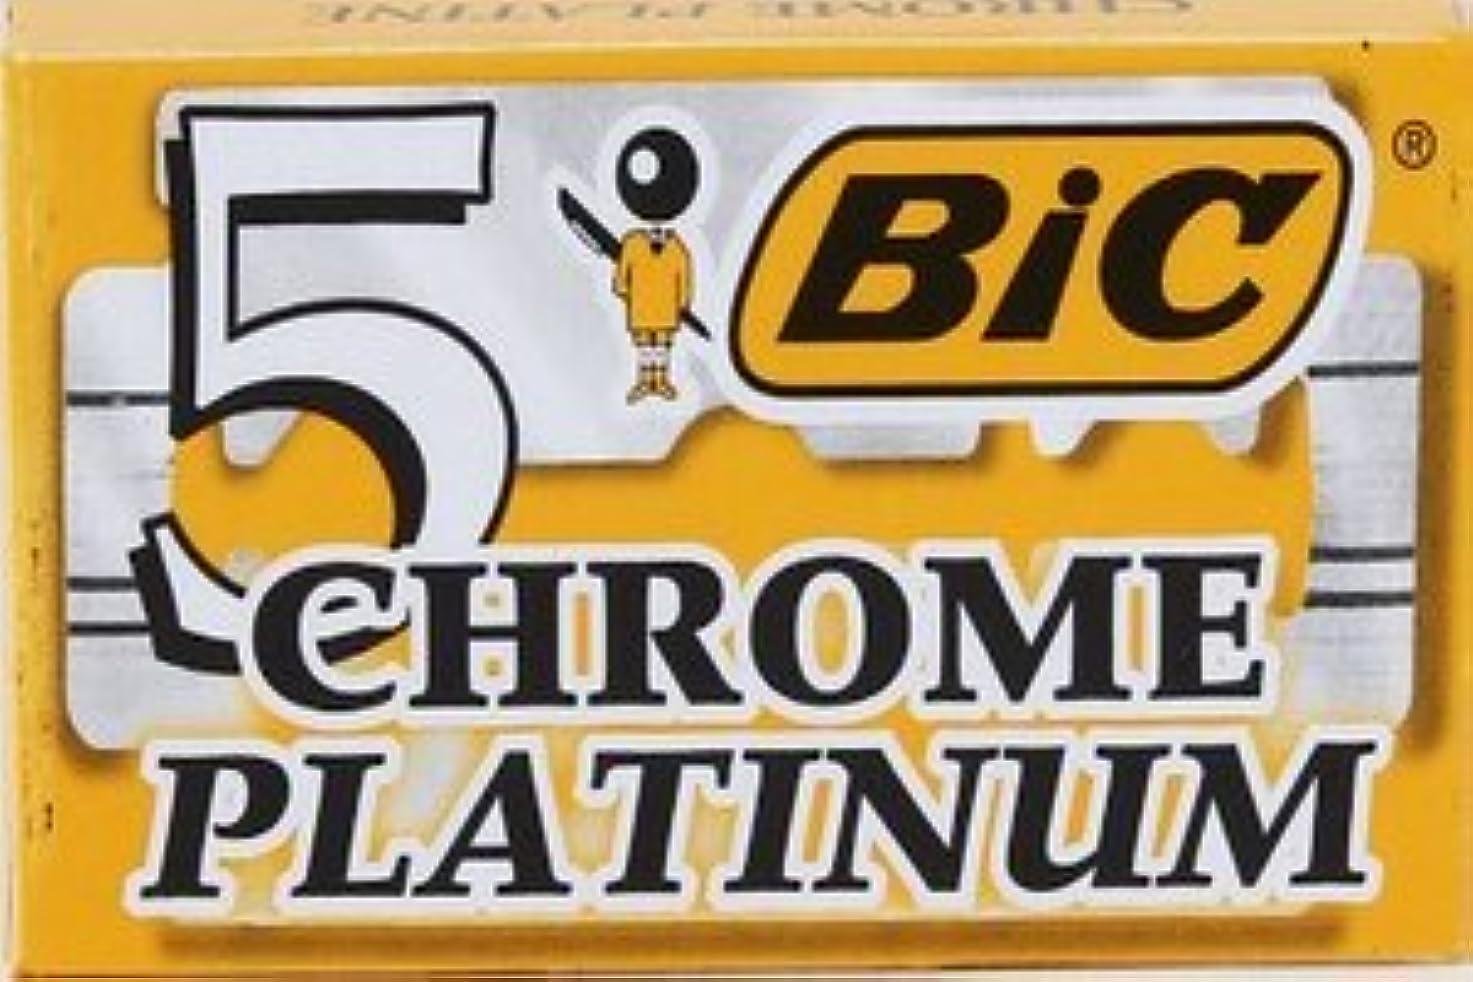 知覚できるモノグラフ管理者BIC Chrome Platinum 両刃替刃 5枚入り(5枚入り1 個セット)【並行輸入品】